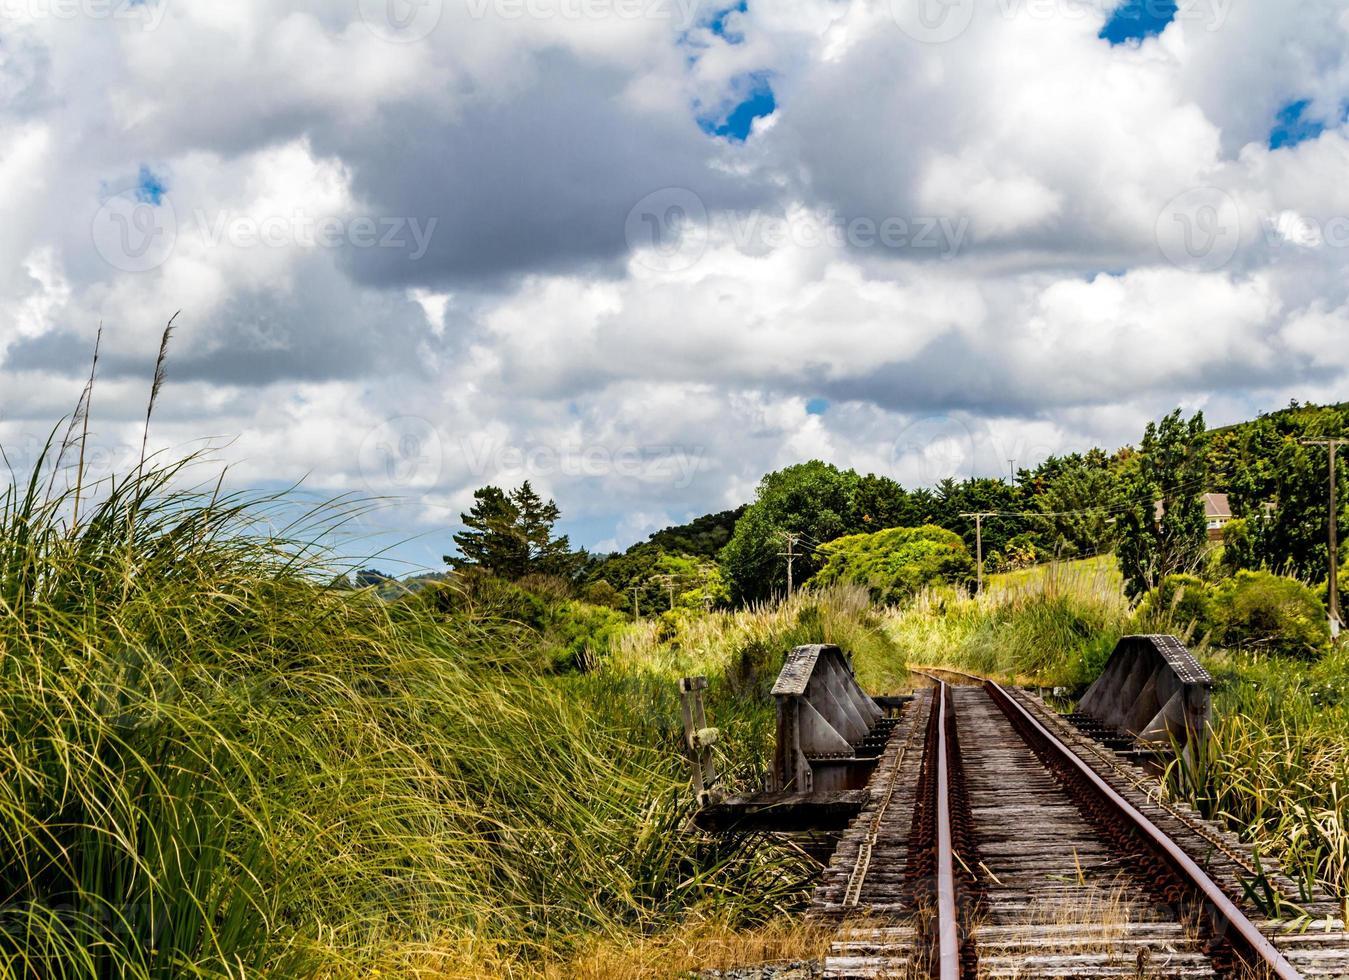 voies ferrées et un tour sur eux. Dargaville, Nouvelle-Zélande photo